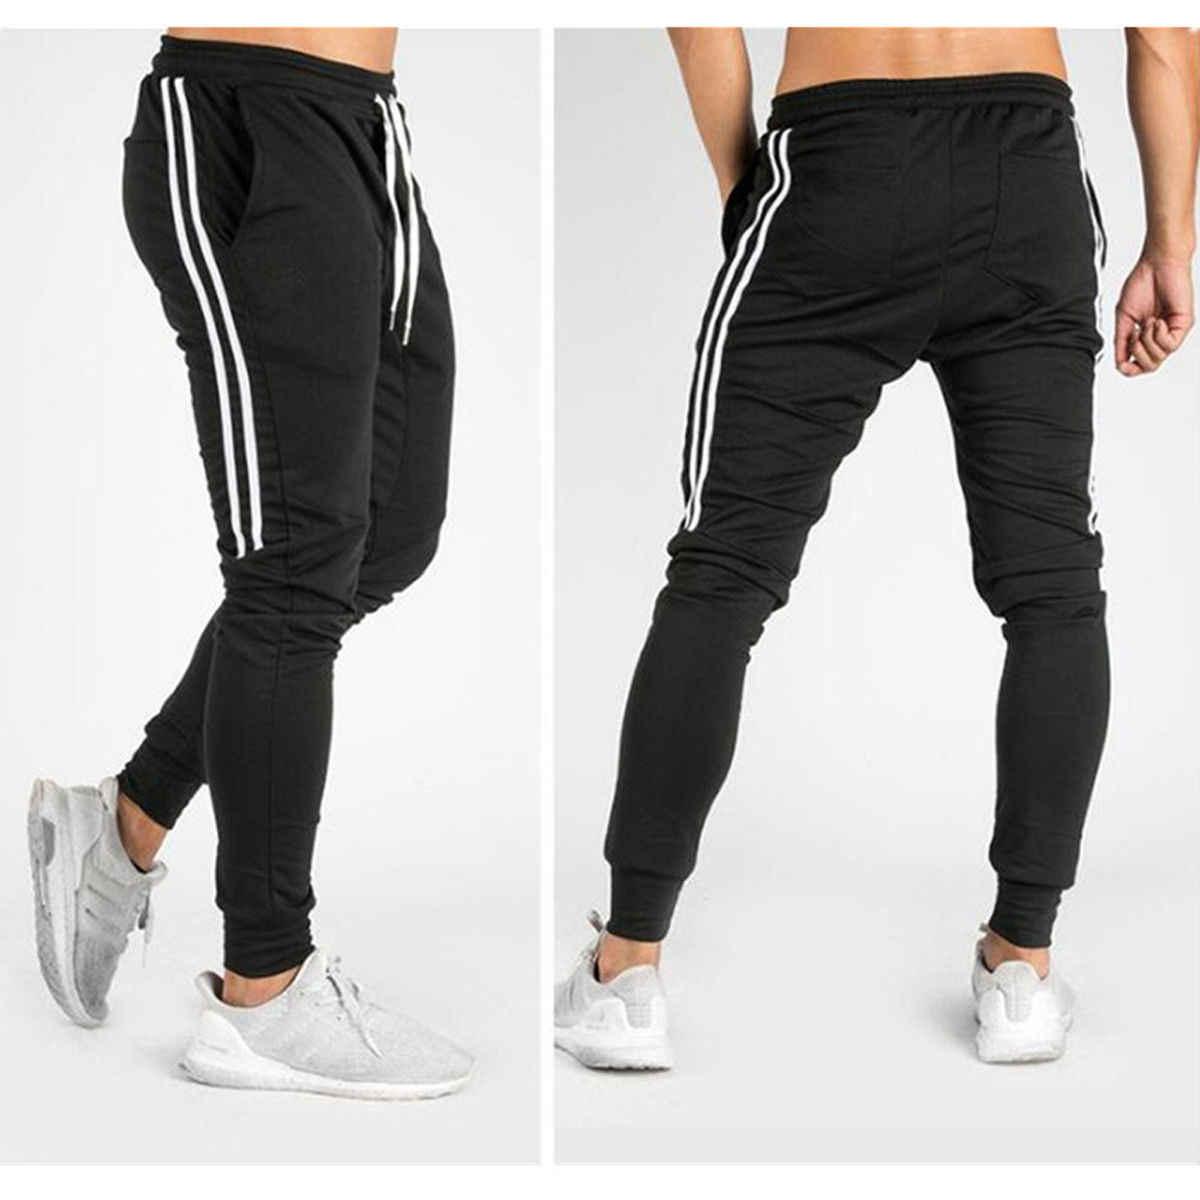 Yeni erkek Hip Hop Sweatpants spor Joggers 2019 bahar erkek yan şerit yüksek sokak Hip uzun pantolon Harem pantolon Sweatpant